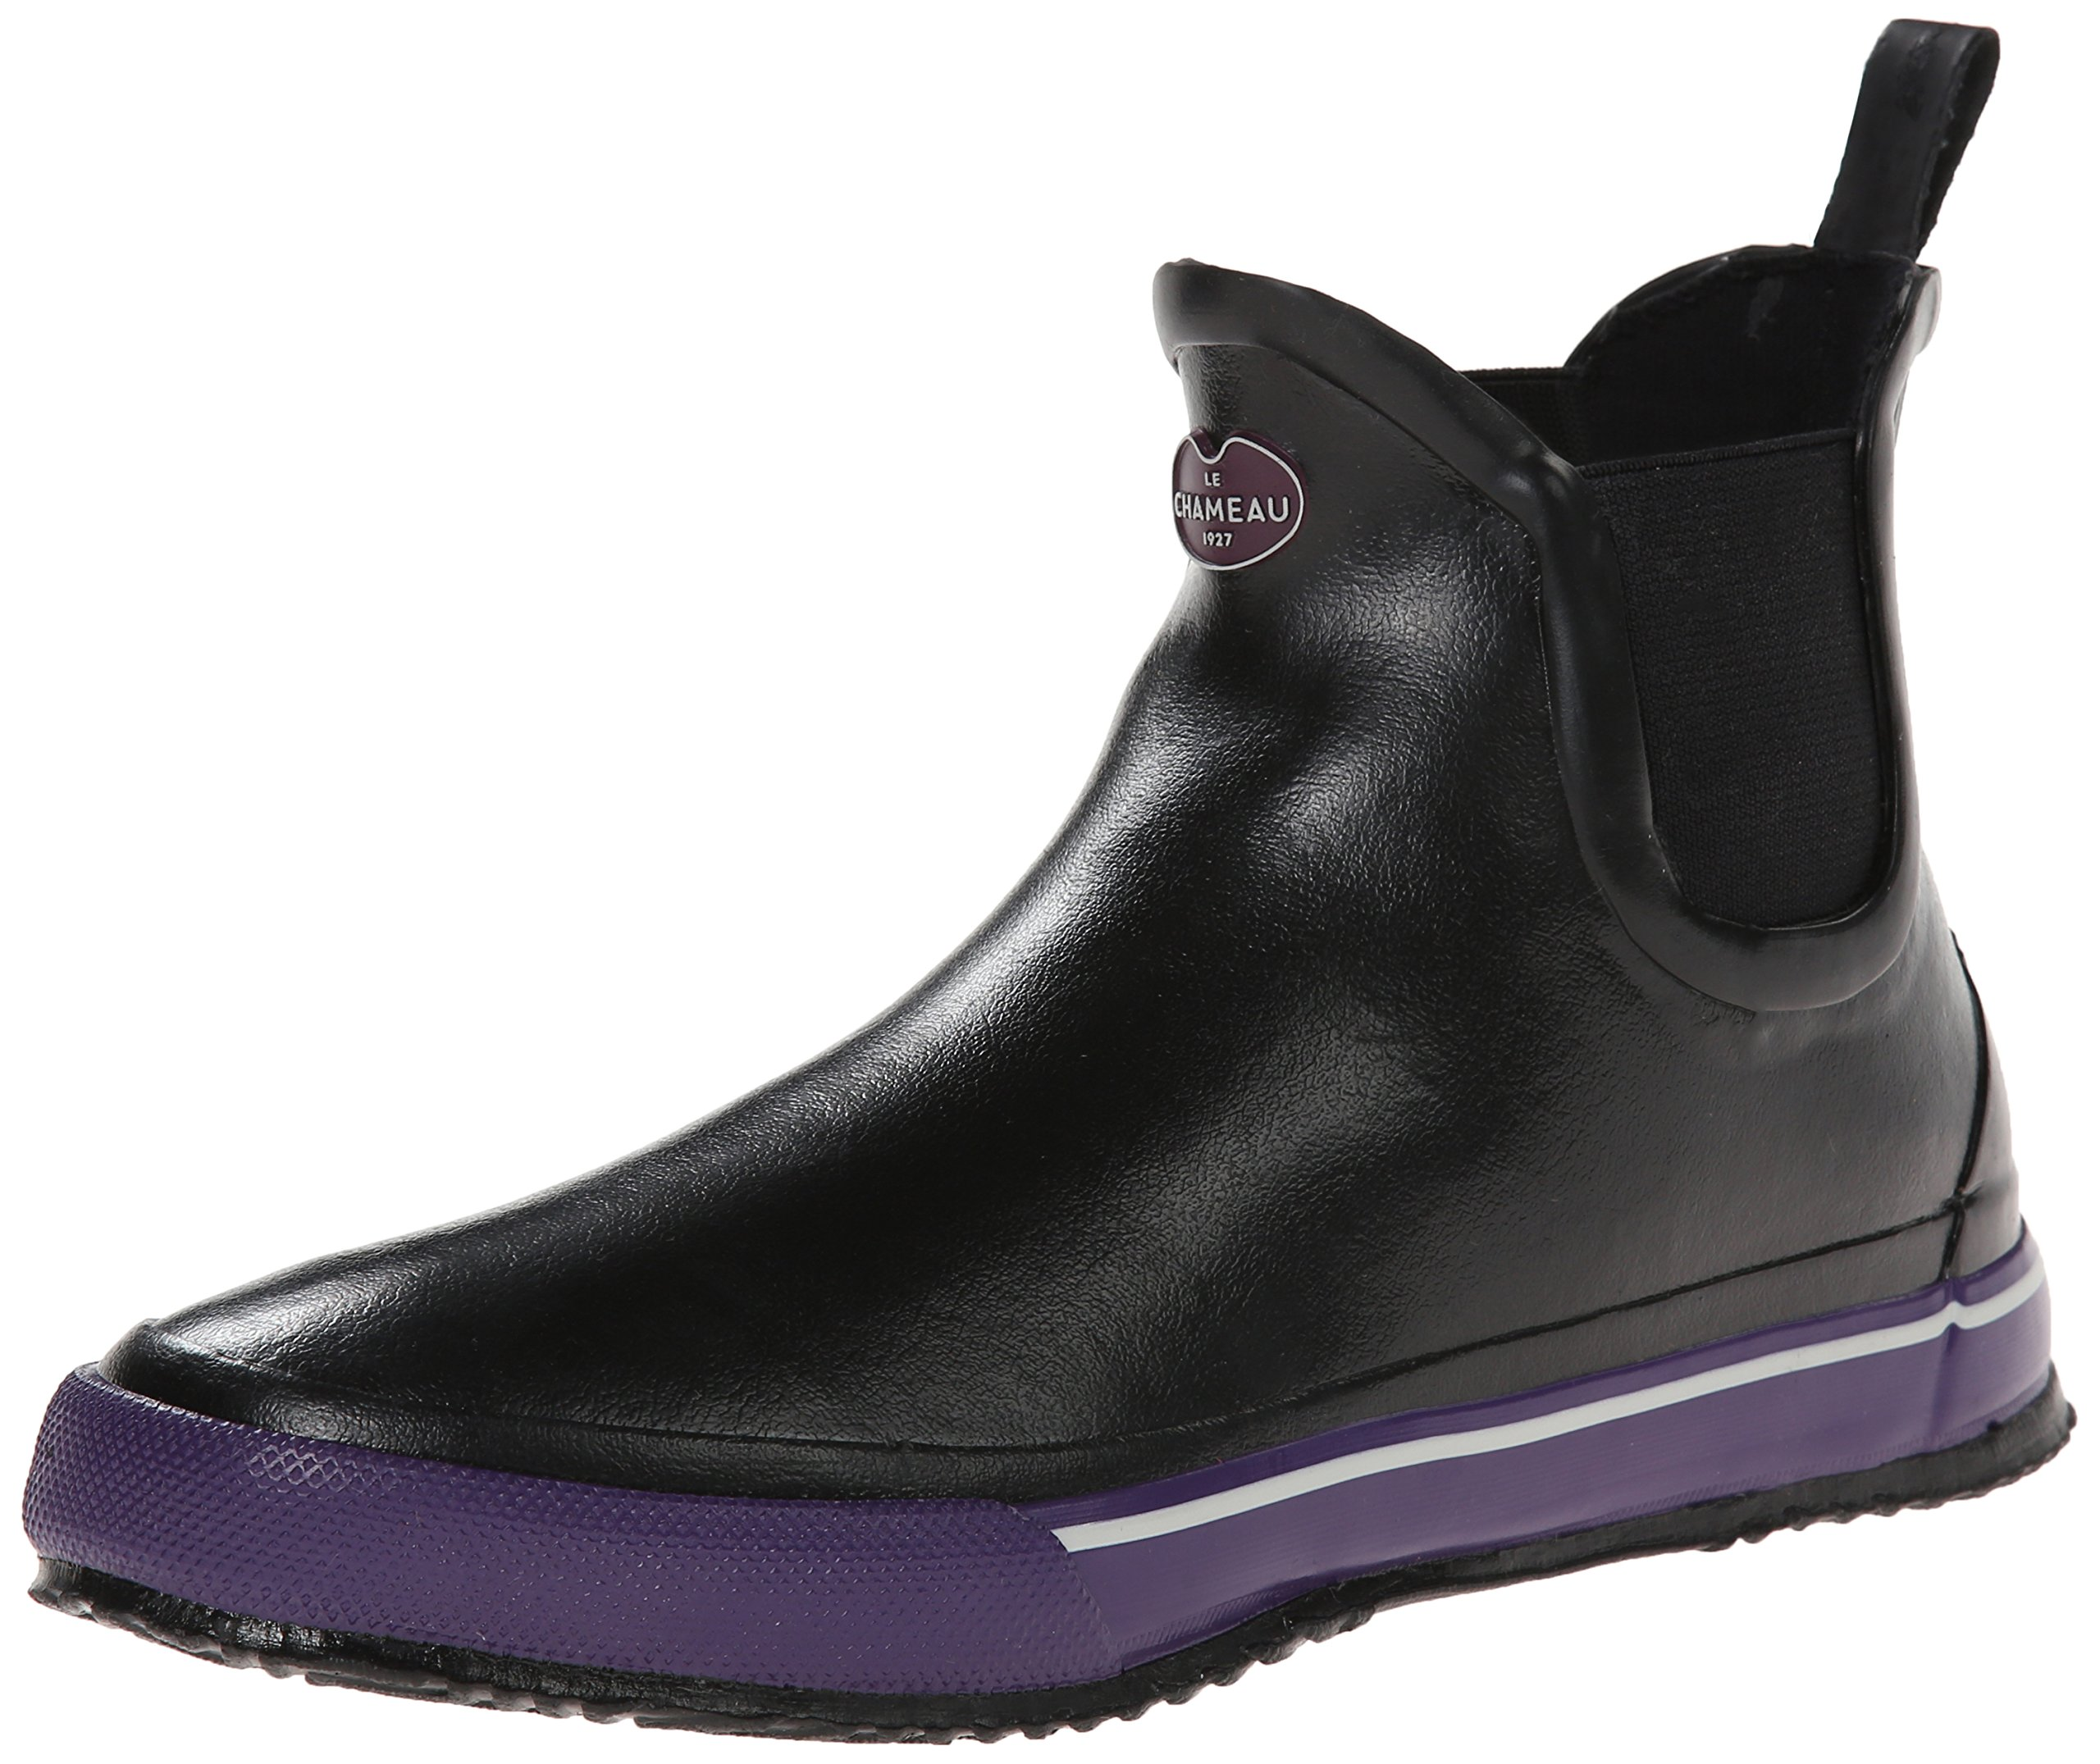 Le Chameau Footwear Women's Monceau Chelsea Boot, Black/Violet, 36 EU/5.5 M US